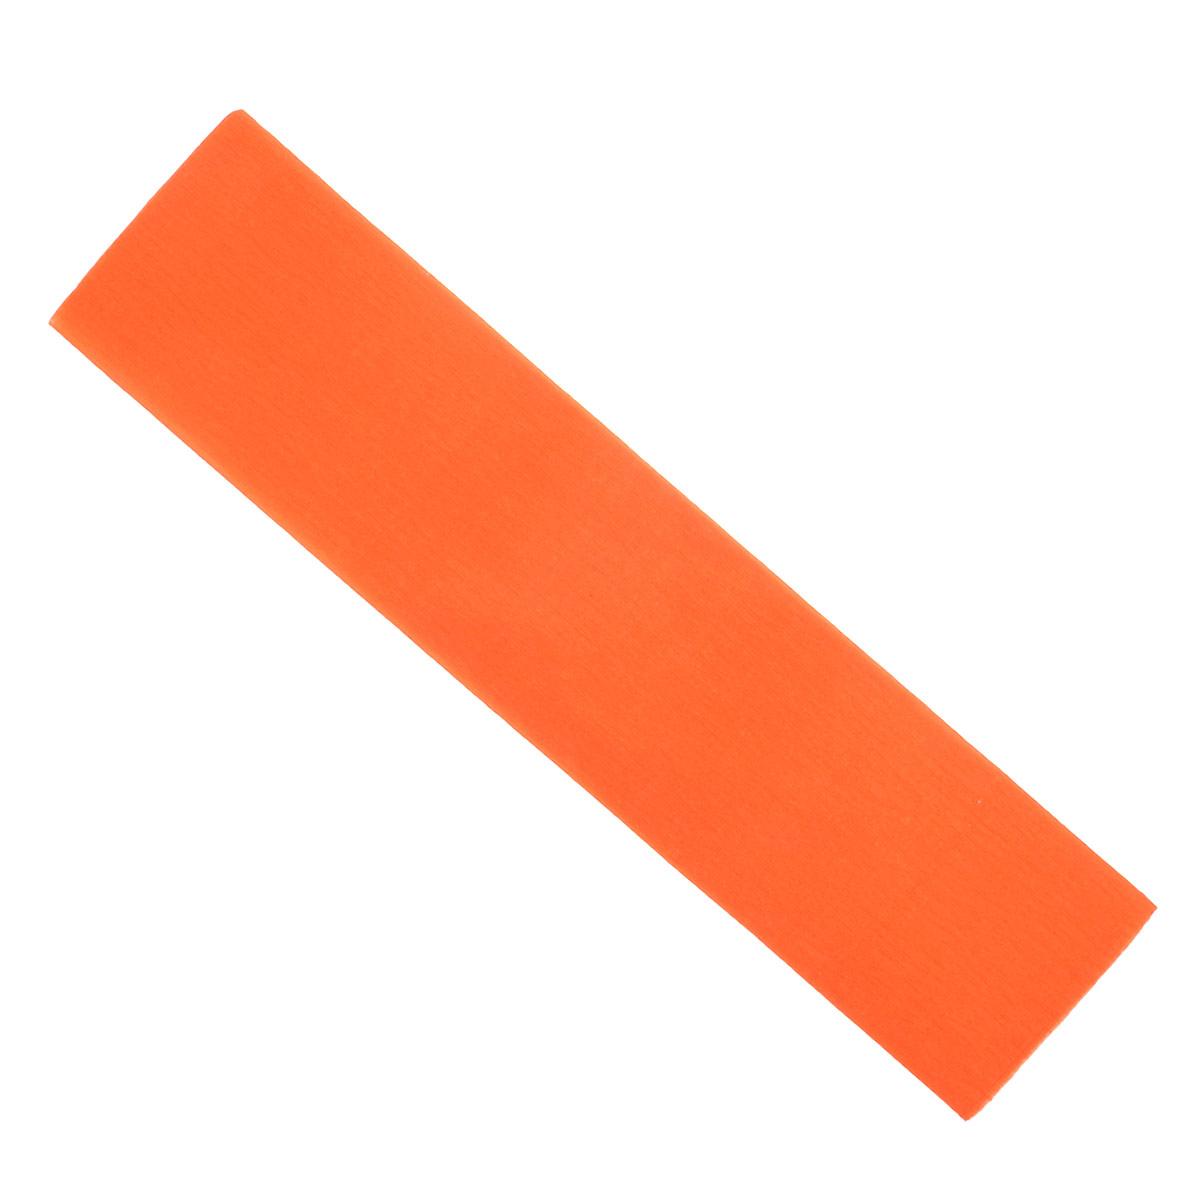 Крепированная бумага Hatber, флюоресцентная, цвет: оранжевый, 5 см х 25 см горн для чрезвычайных ситуций coghlan s цвет оранжевый 8 х 5 х 5 см